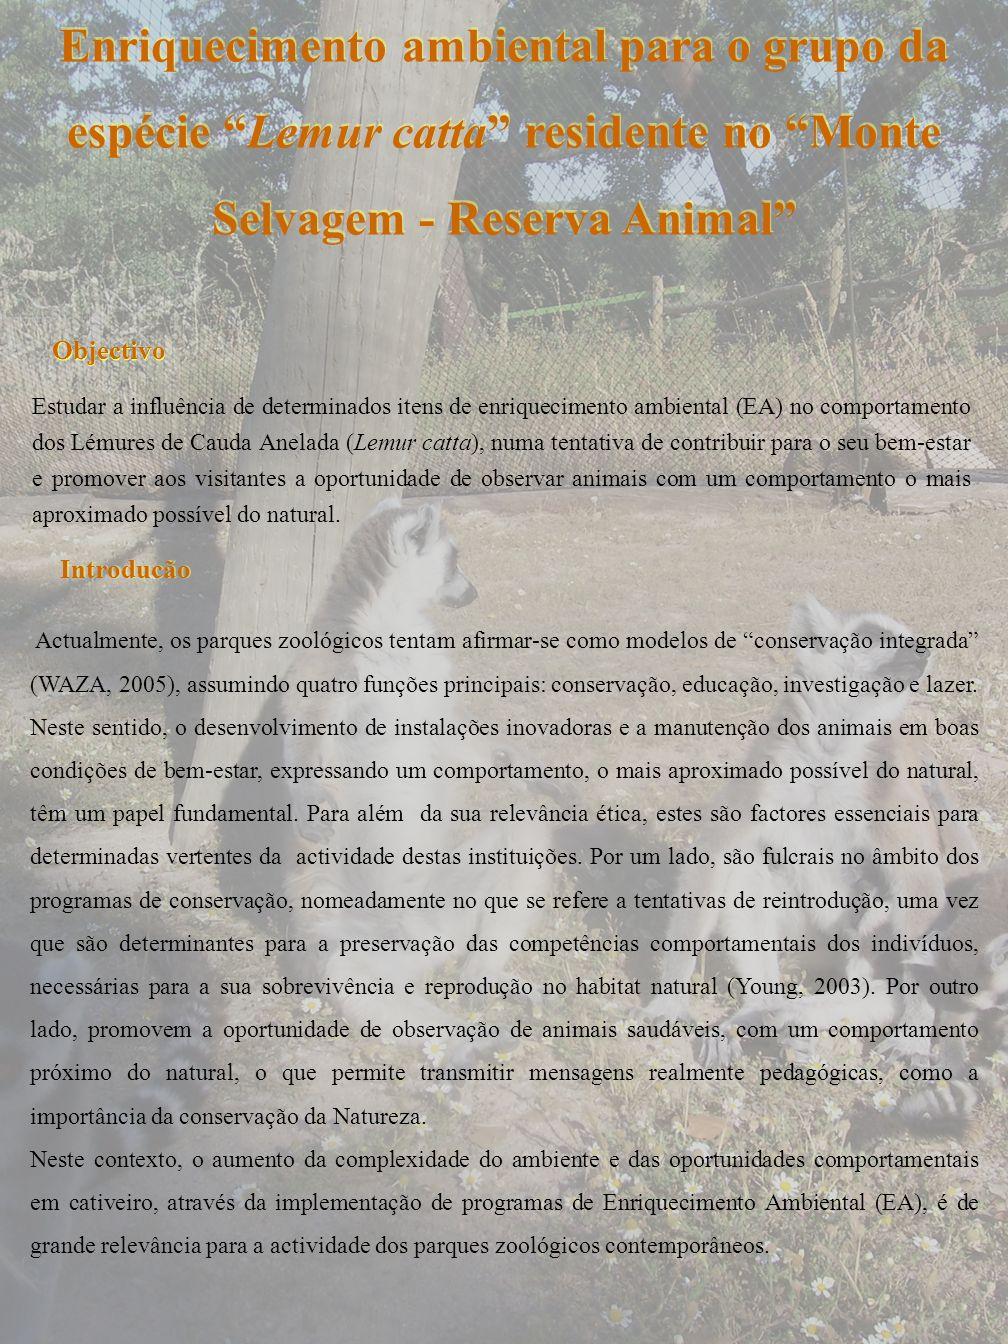 Enriquecimento ambiental para o grupo da espécie Lemur catta residente no Monte Selvagem - Reserva Animal